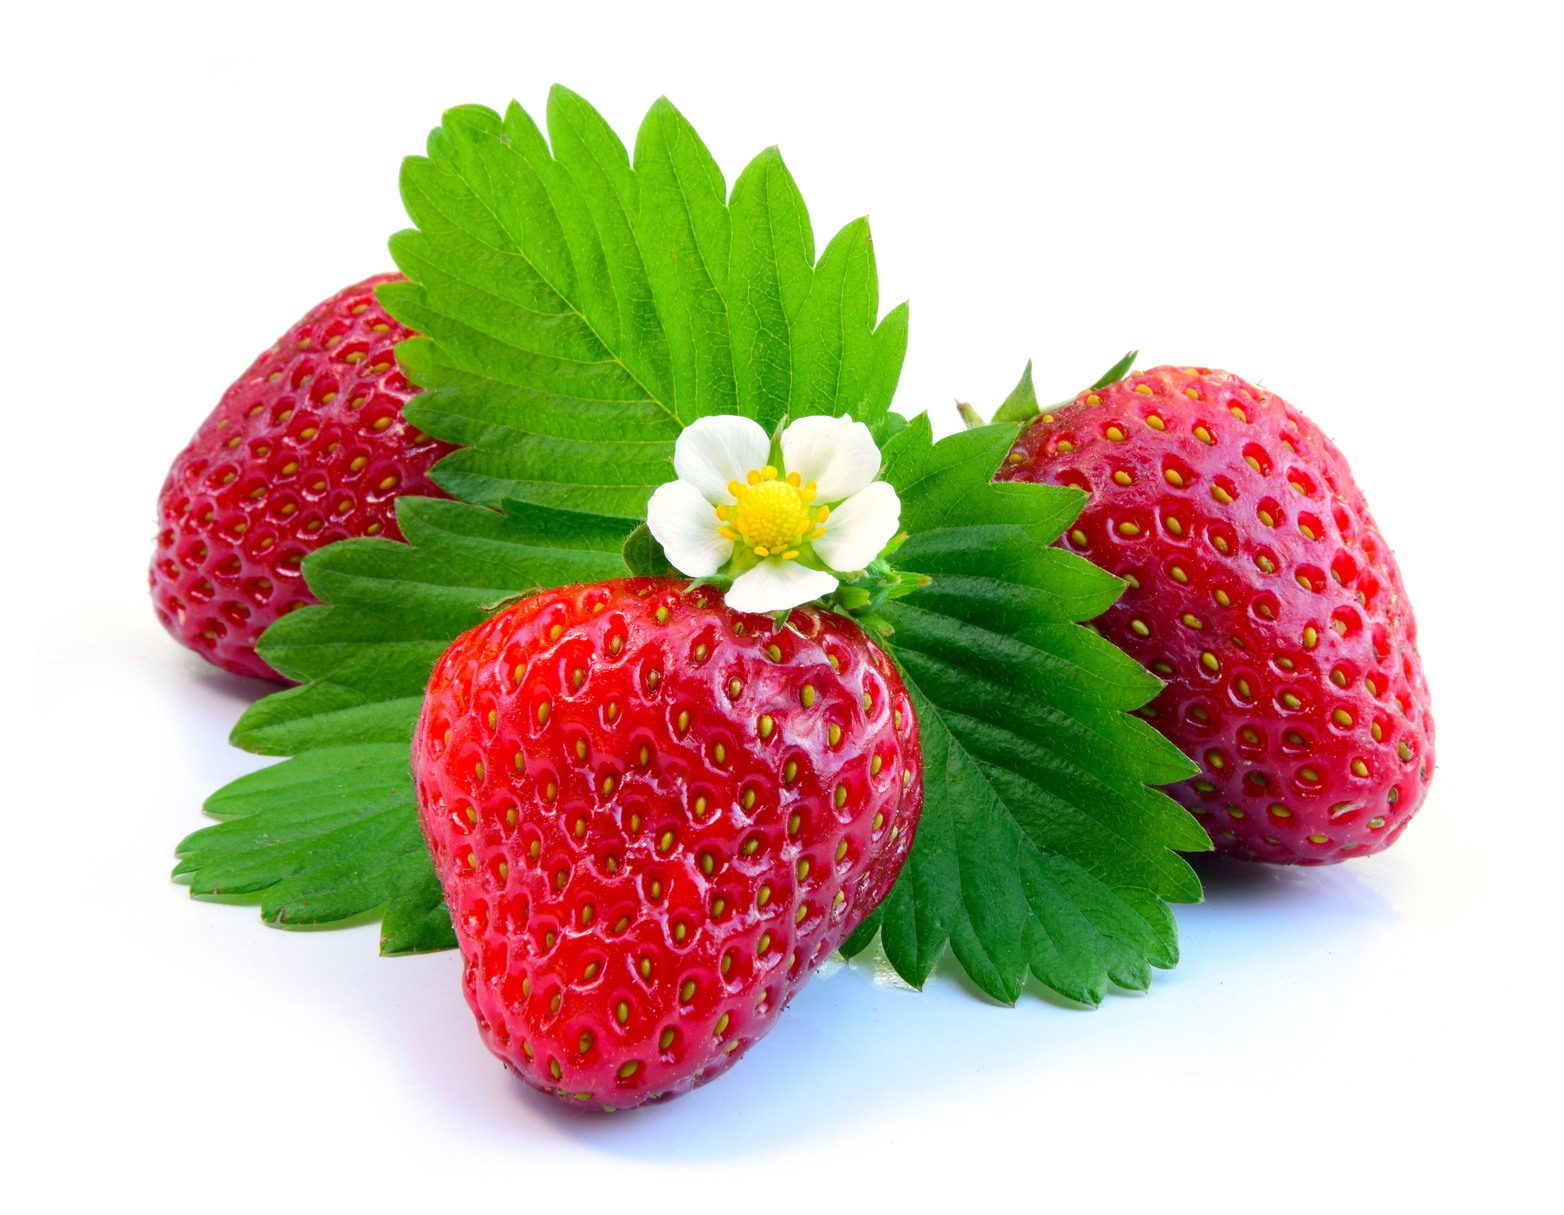 Fiche de renseignements des fraises